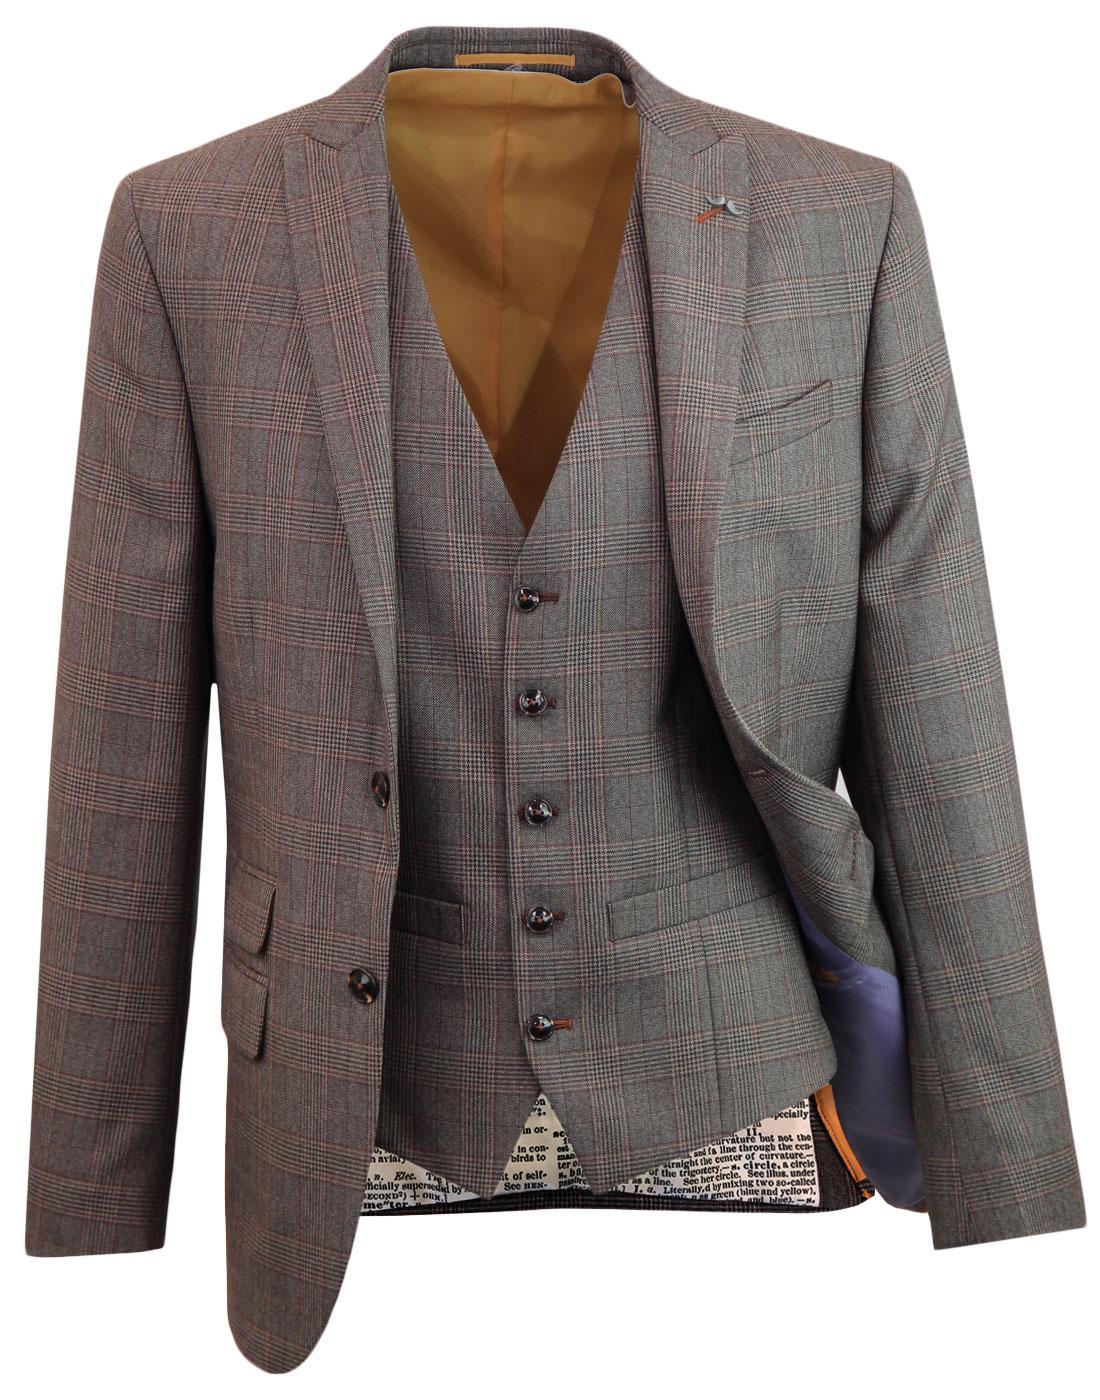 ANTIQUE ROGUE POW Check Mod Blazer & Waistcoat